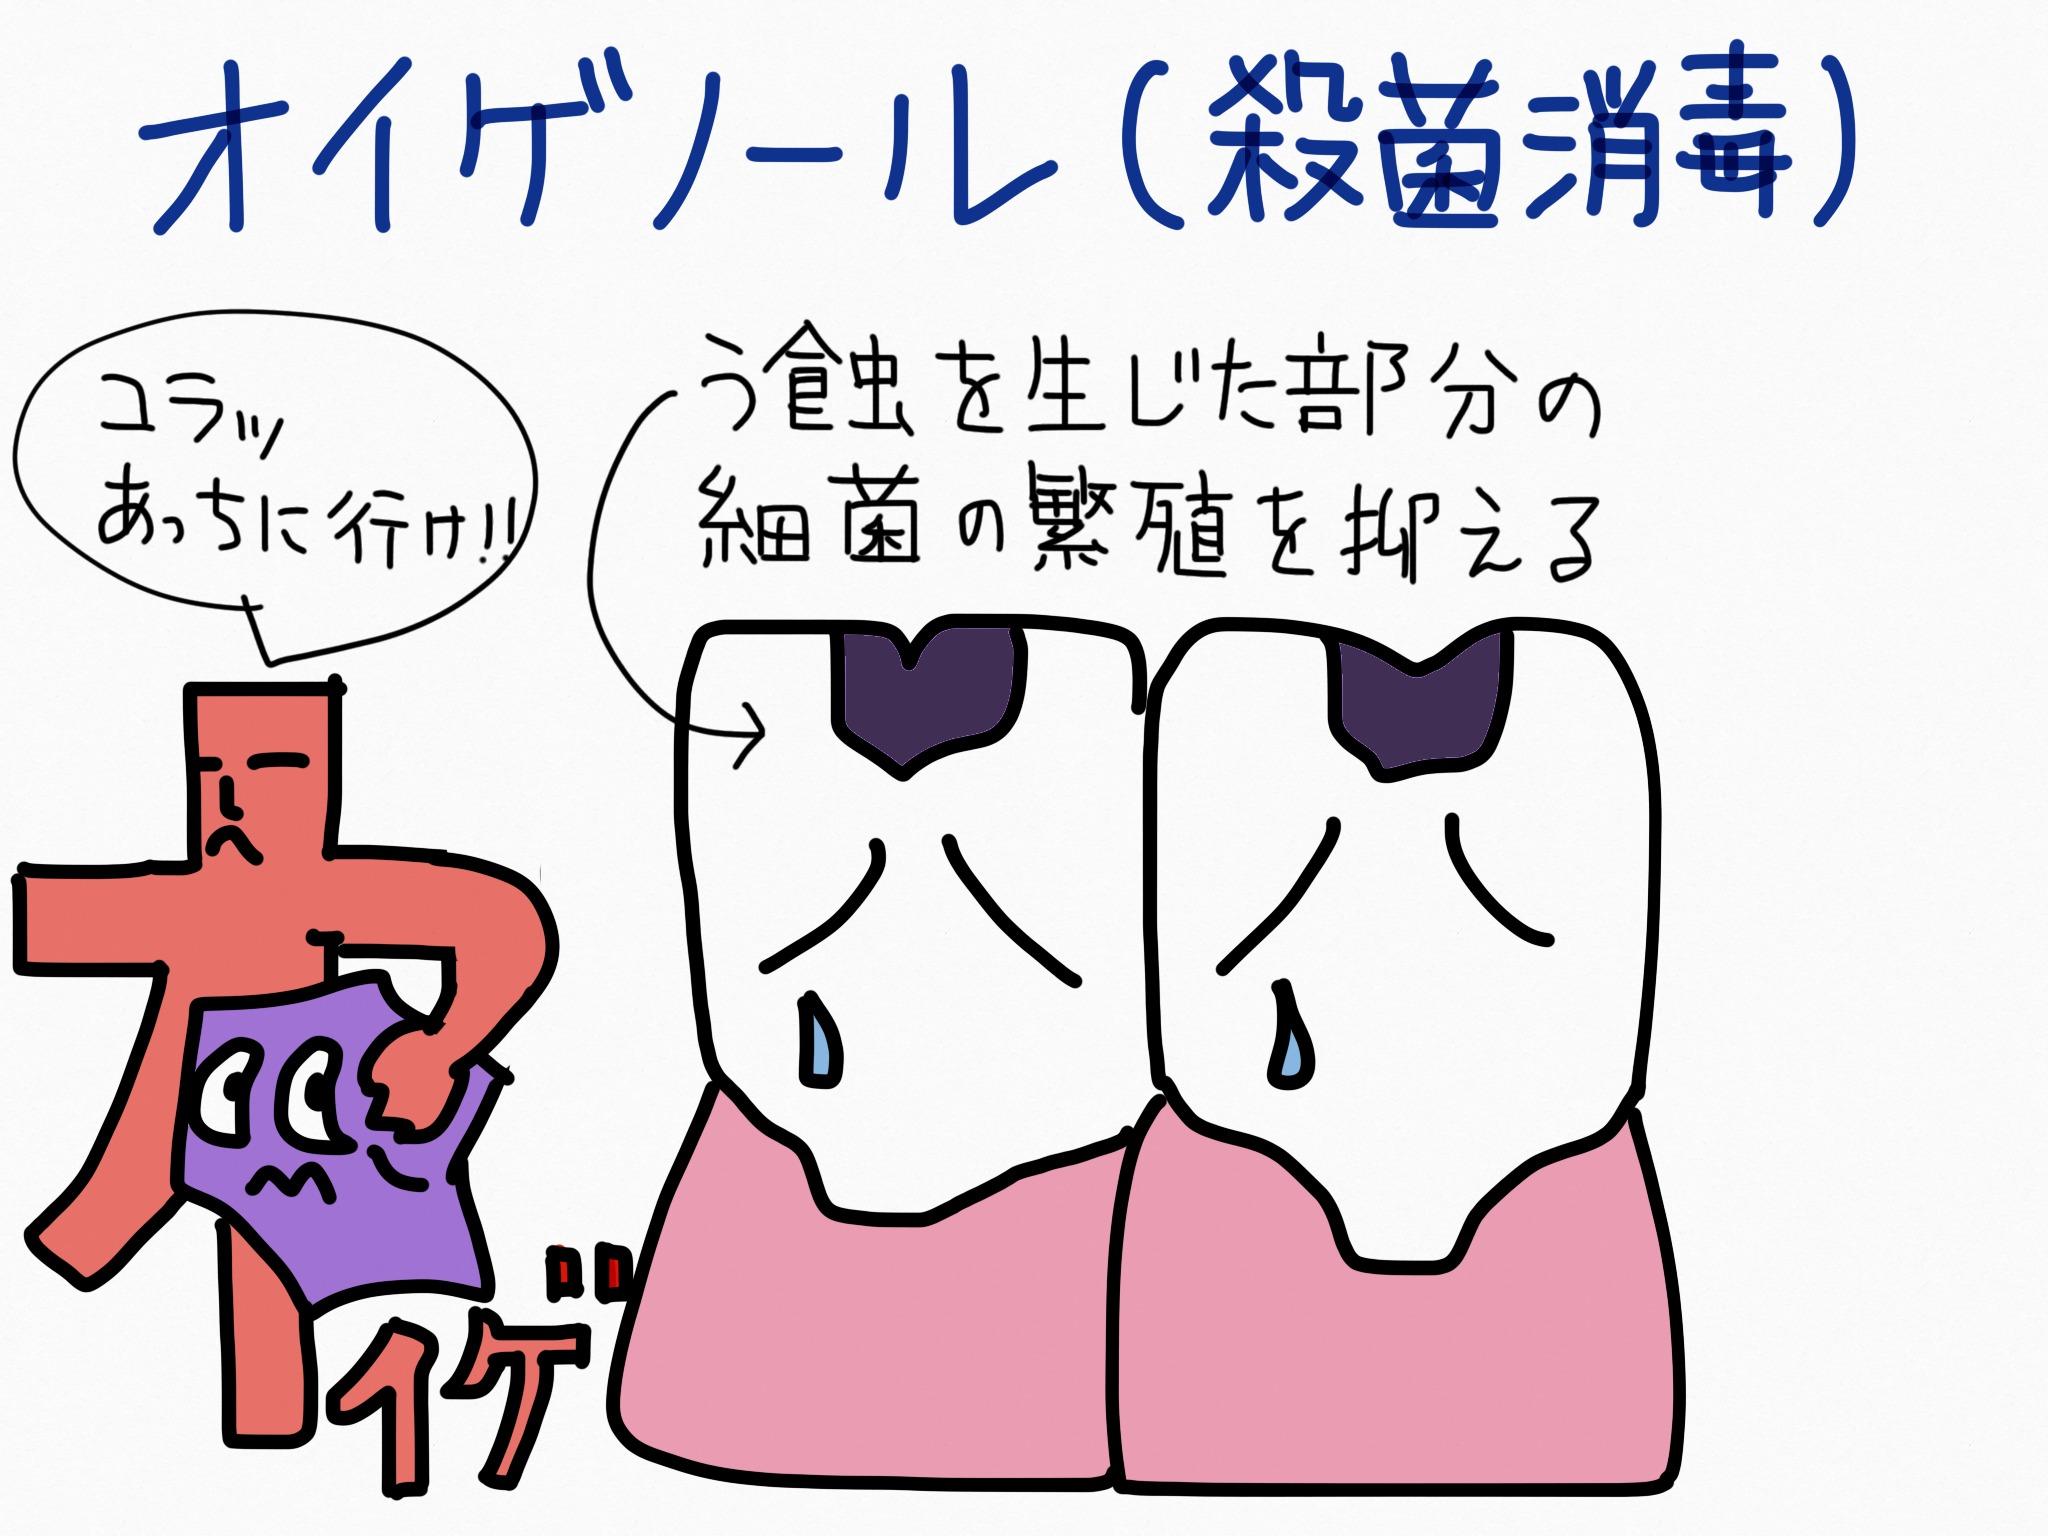 オイゲノール・殺菌消毒成分の覚え方